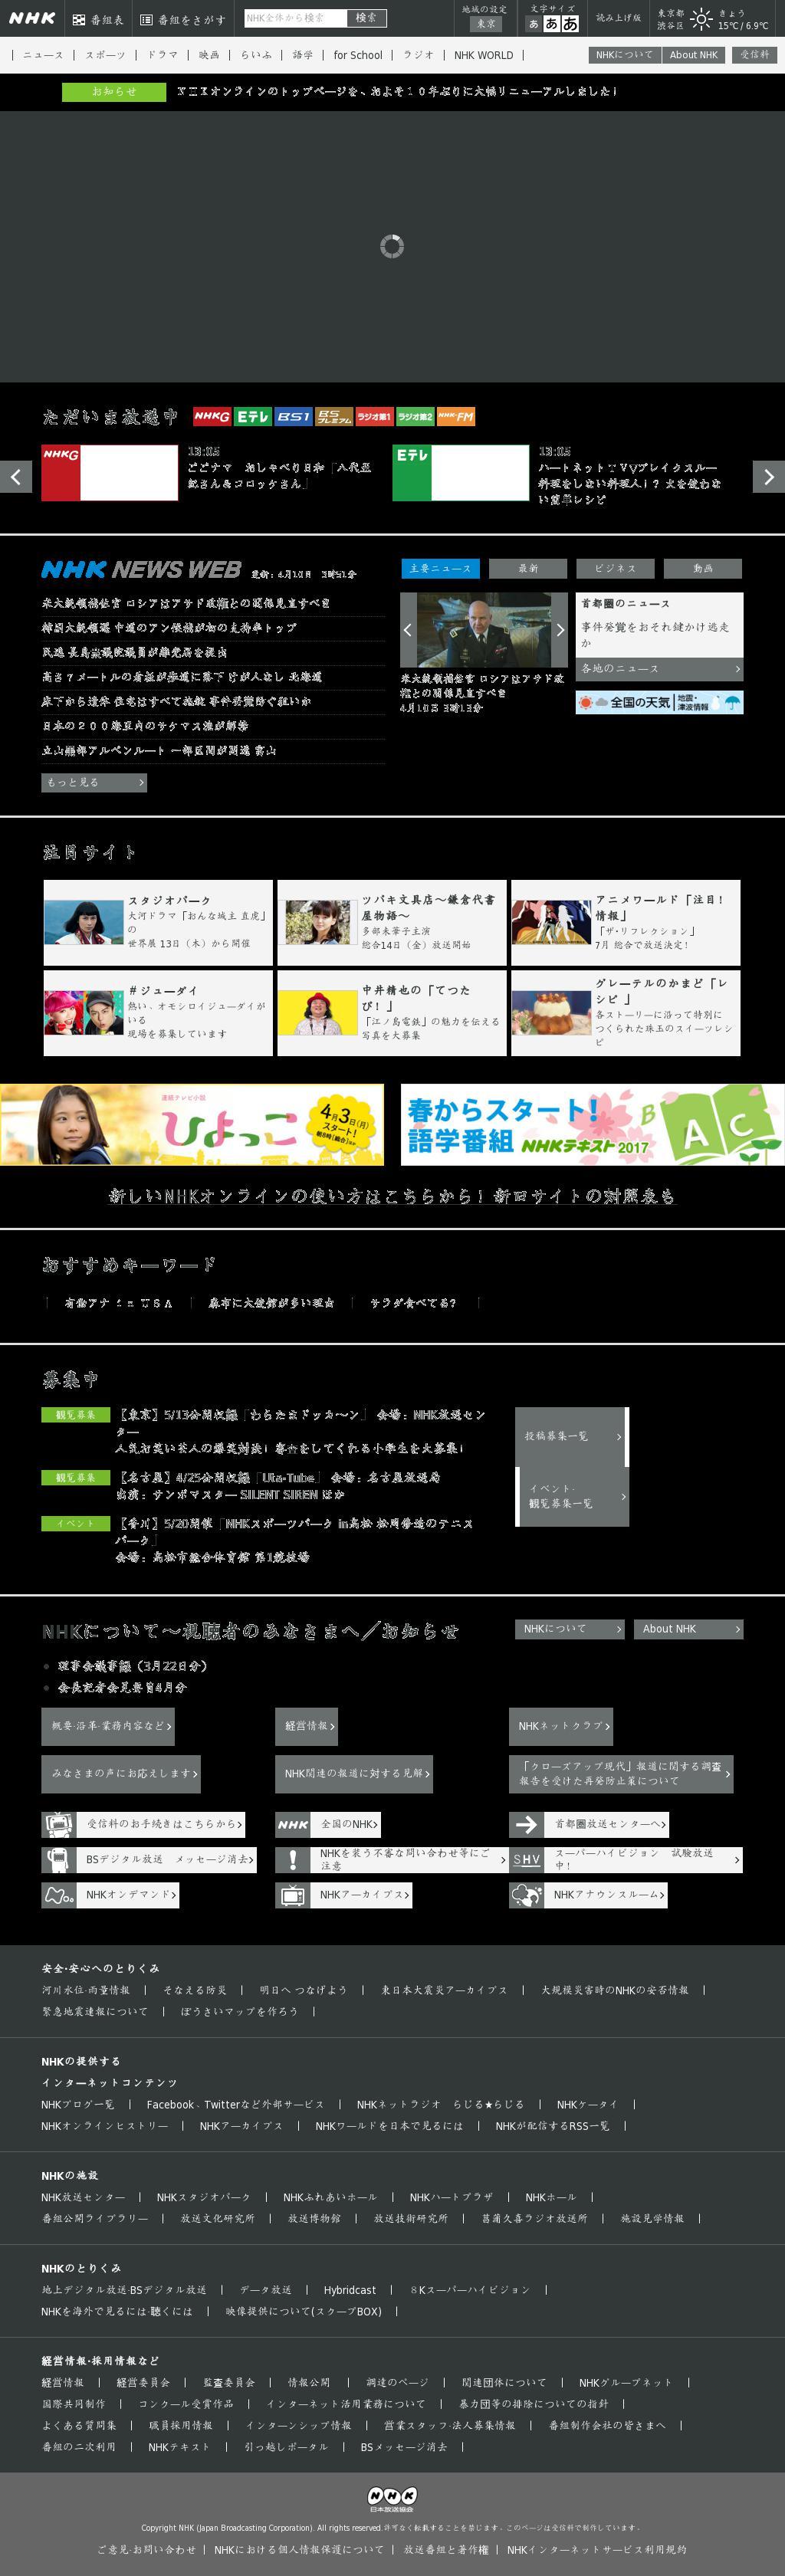 NHK Online at Monday April 10, 2017, 4:11 a.m. UTC